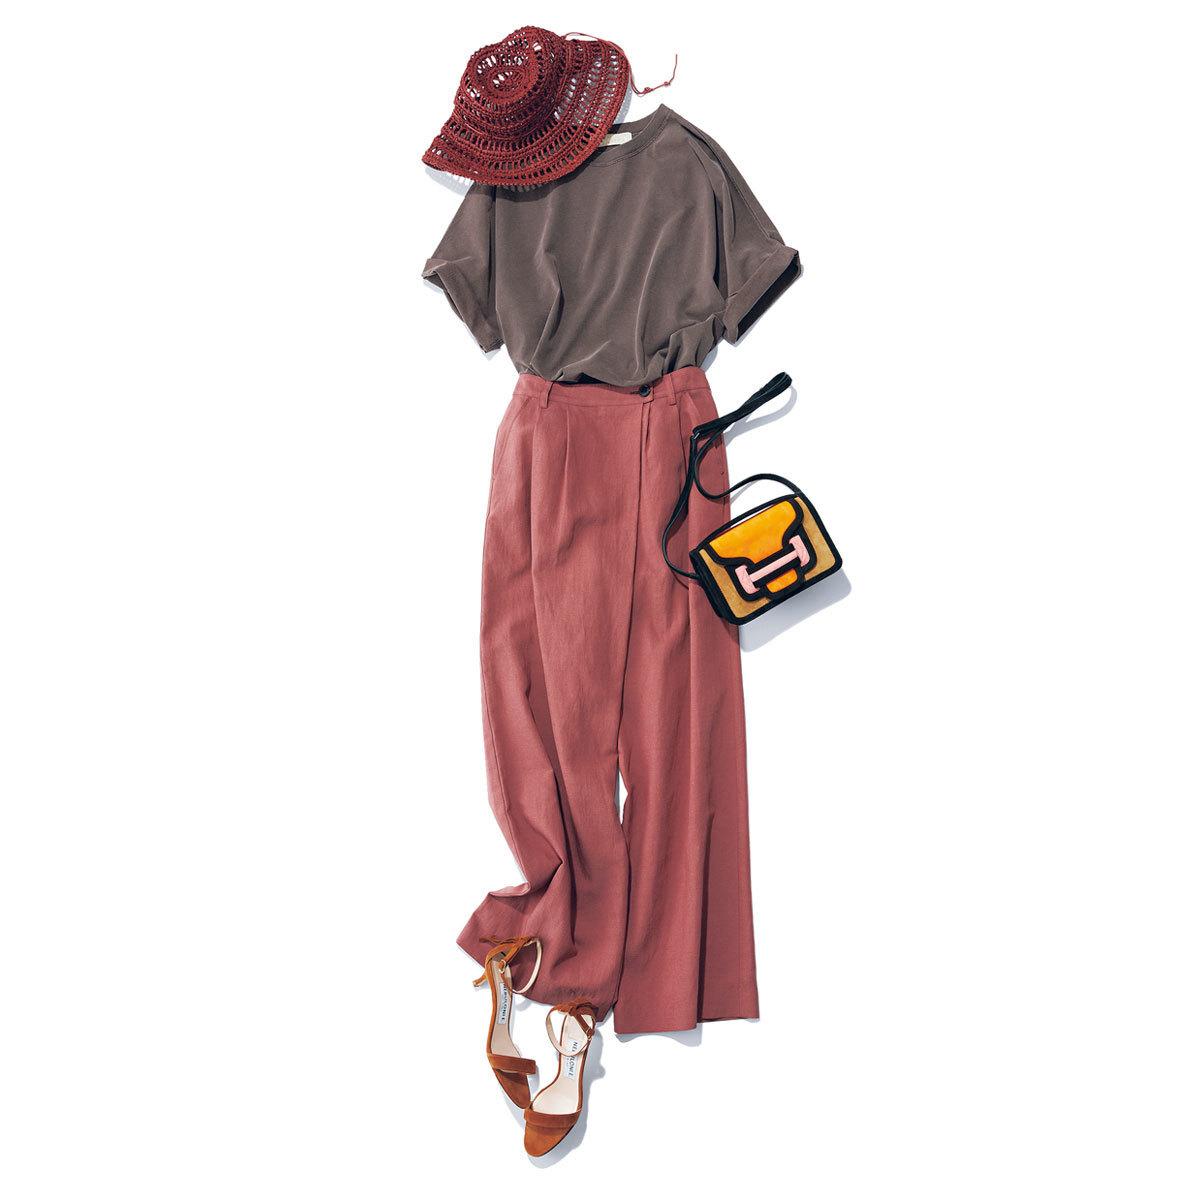 ■アール ジュビリーのモカTシャツ × くすみピンクのタック入りパンツ